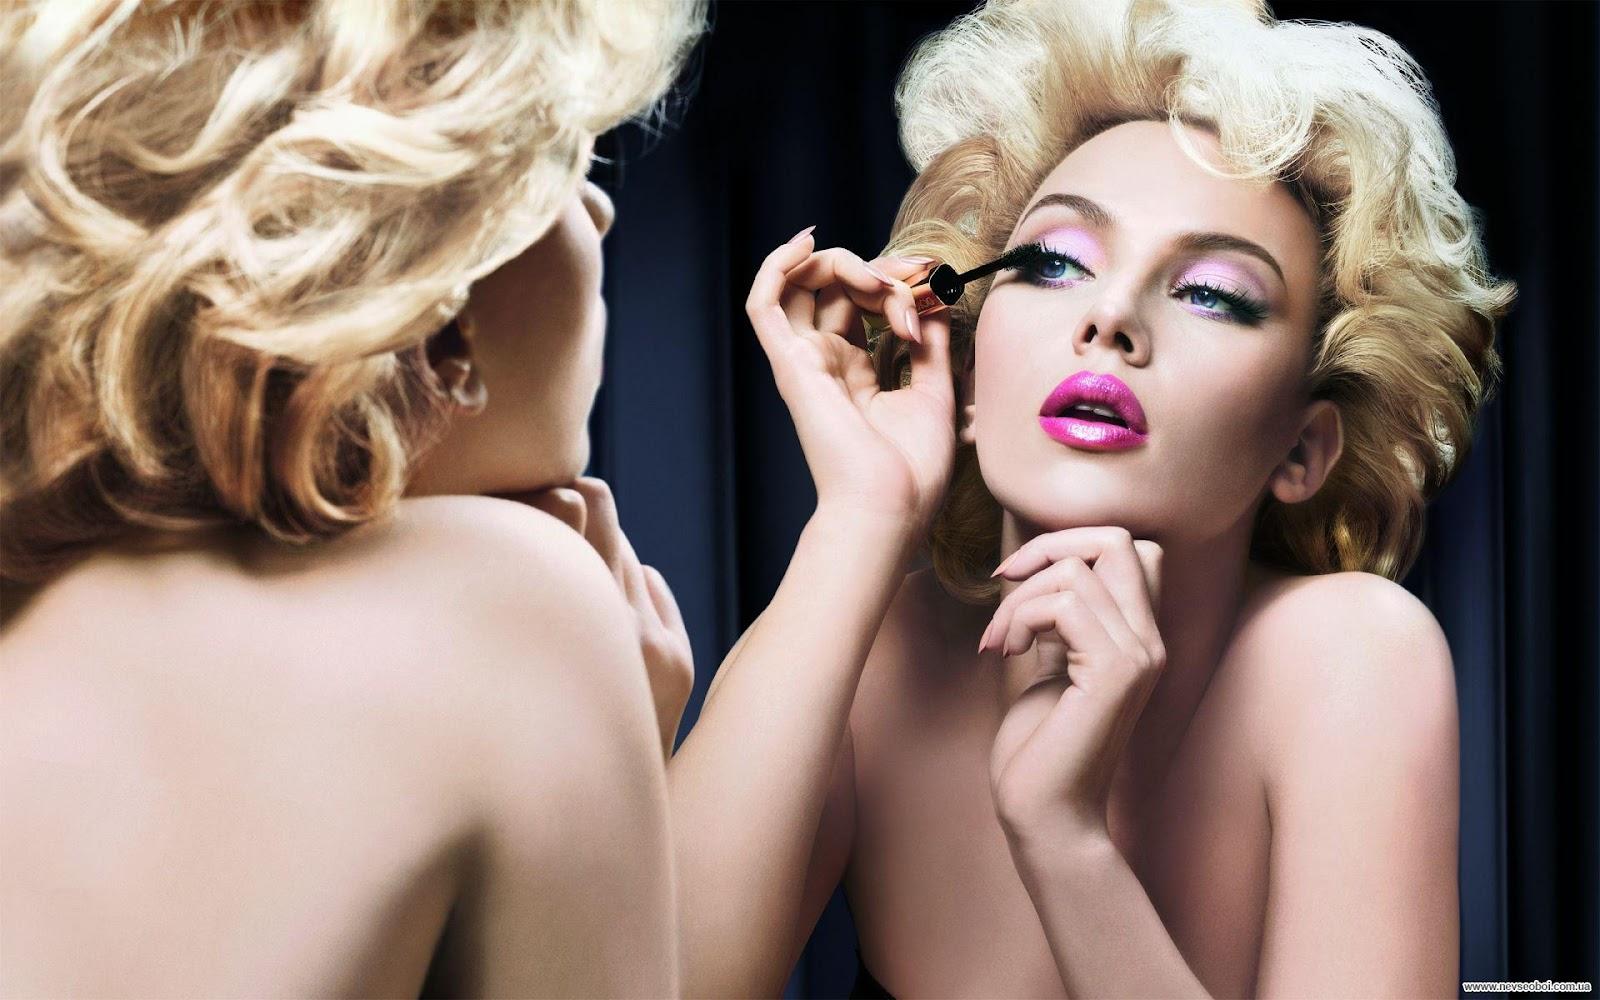 макияж для публичных и успешных женщин.